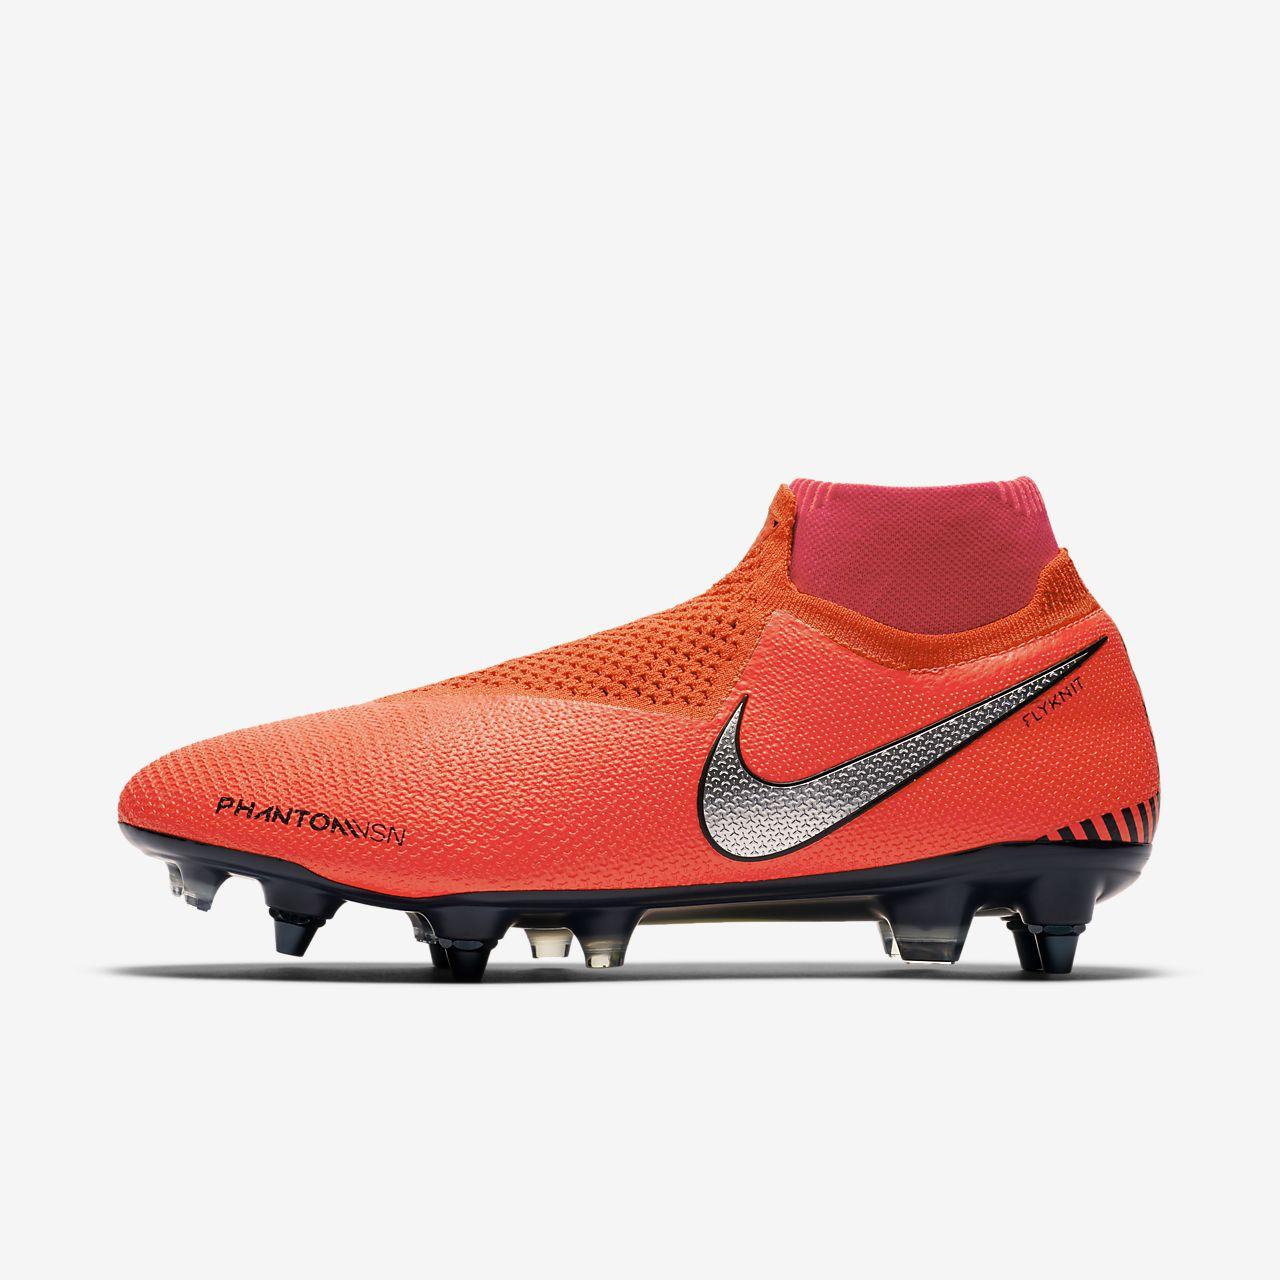 Fotbollssko Nike Phantom Vision Elite Dynamic Fit Anti-Clog SG-PRO